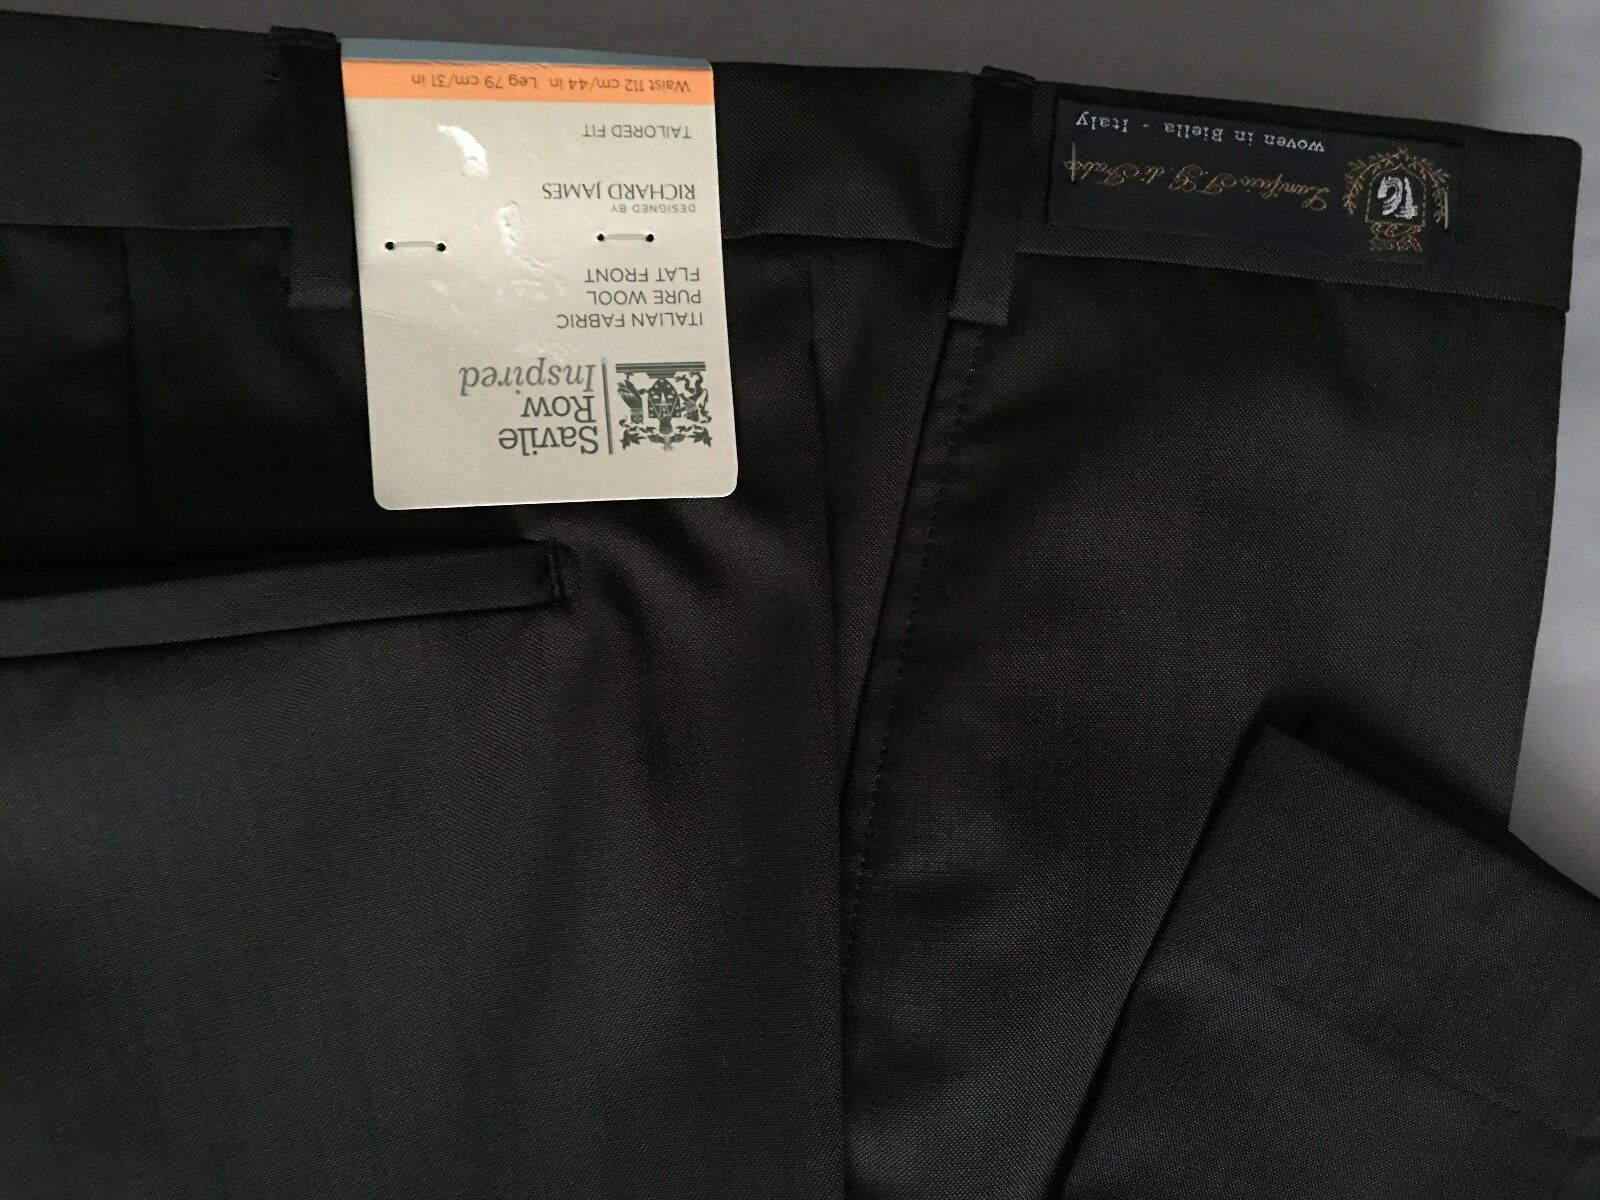 M&S SAVILE ROW grau TailGoldt Fit Fit Fit Flat Front Trousers  PRP | ein guter Ruf in der Welt  | Modern  | Ein Gleichgewicht zwischen Zähigkeit und Härte  | Spielen Sie Leidenschaft, spielen Sie die Ernte, spielen Sie die Welt  | Verwendet in der Haltbarkeit ebab1e